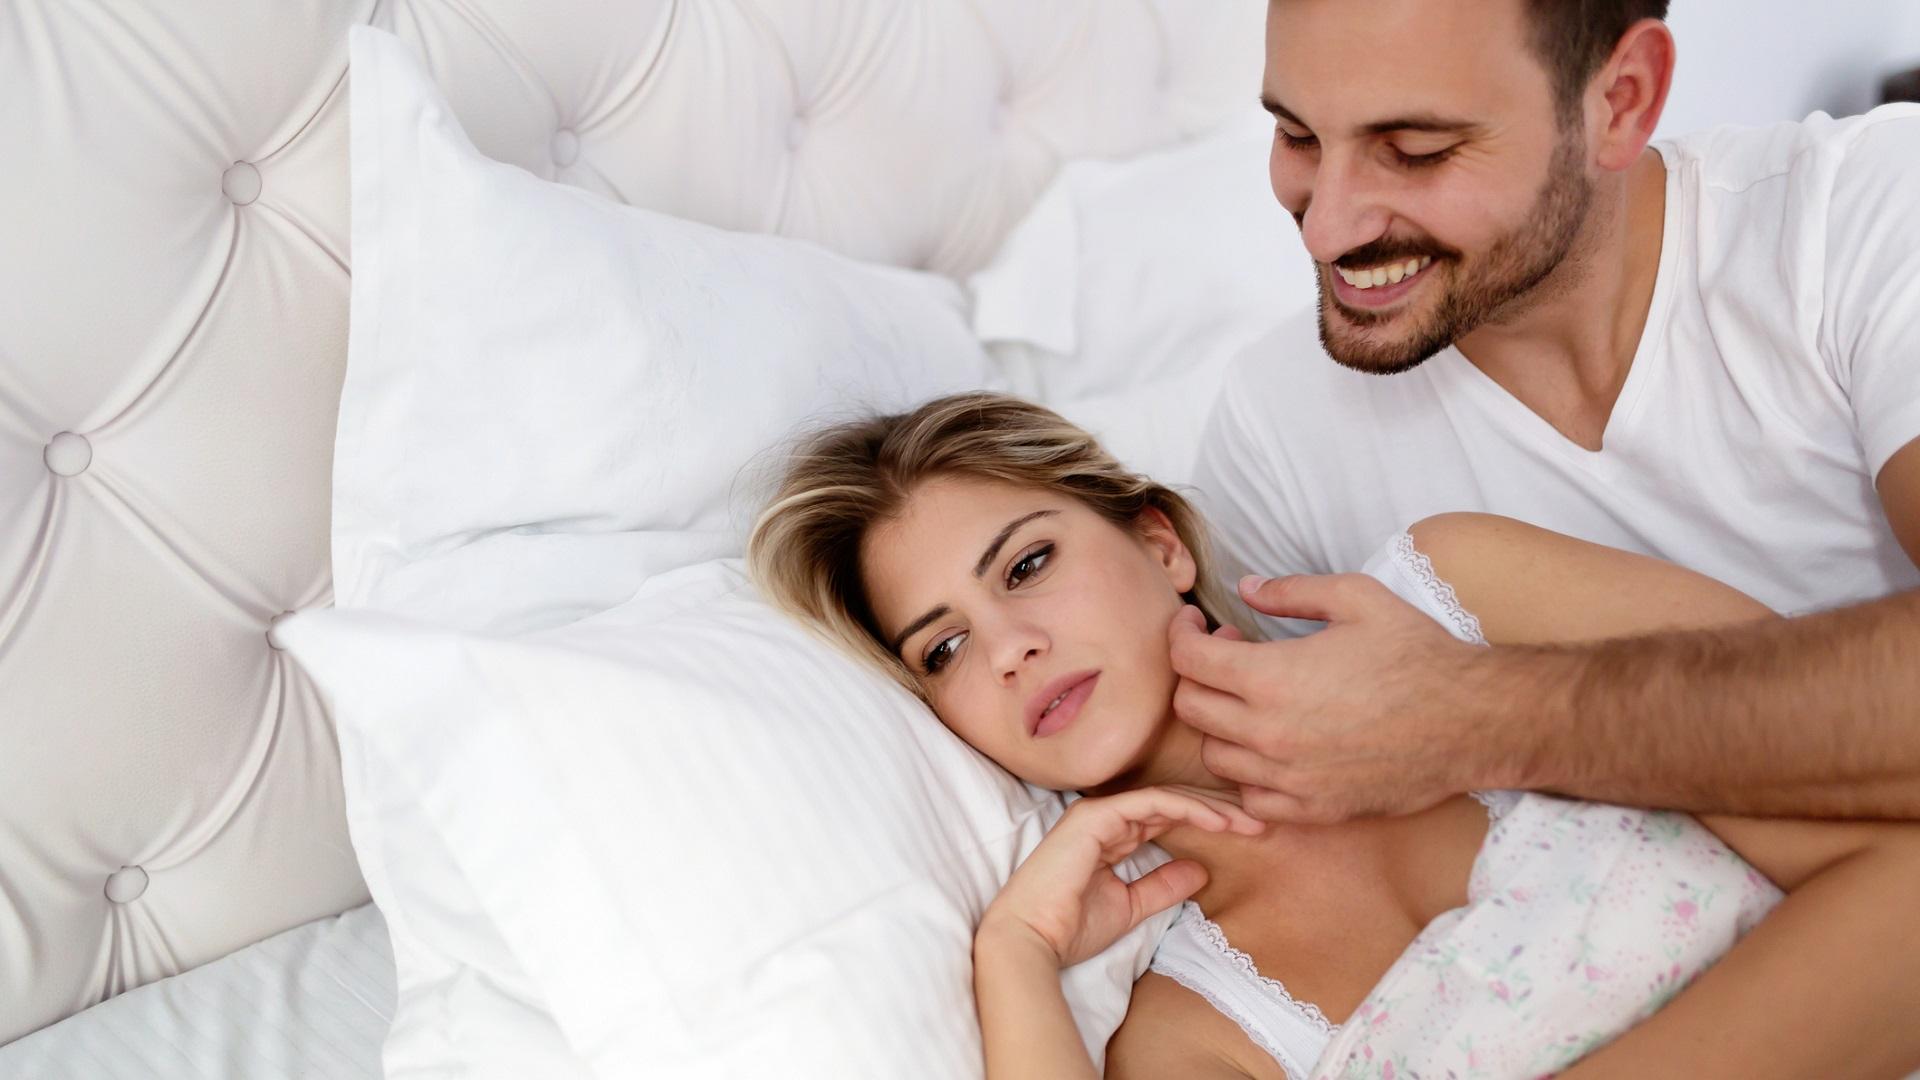 Témata týkající se randění a vztahů